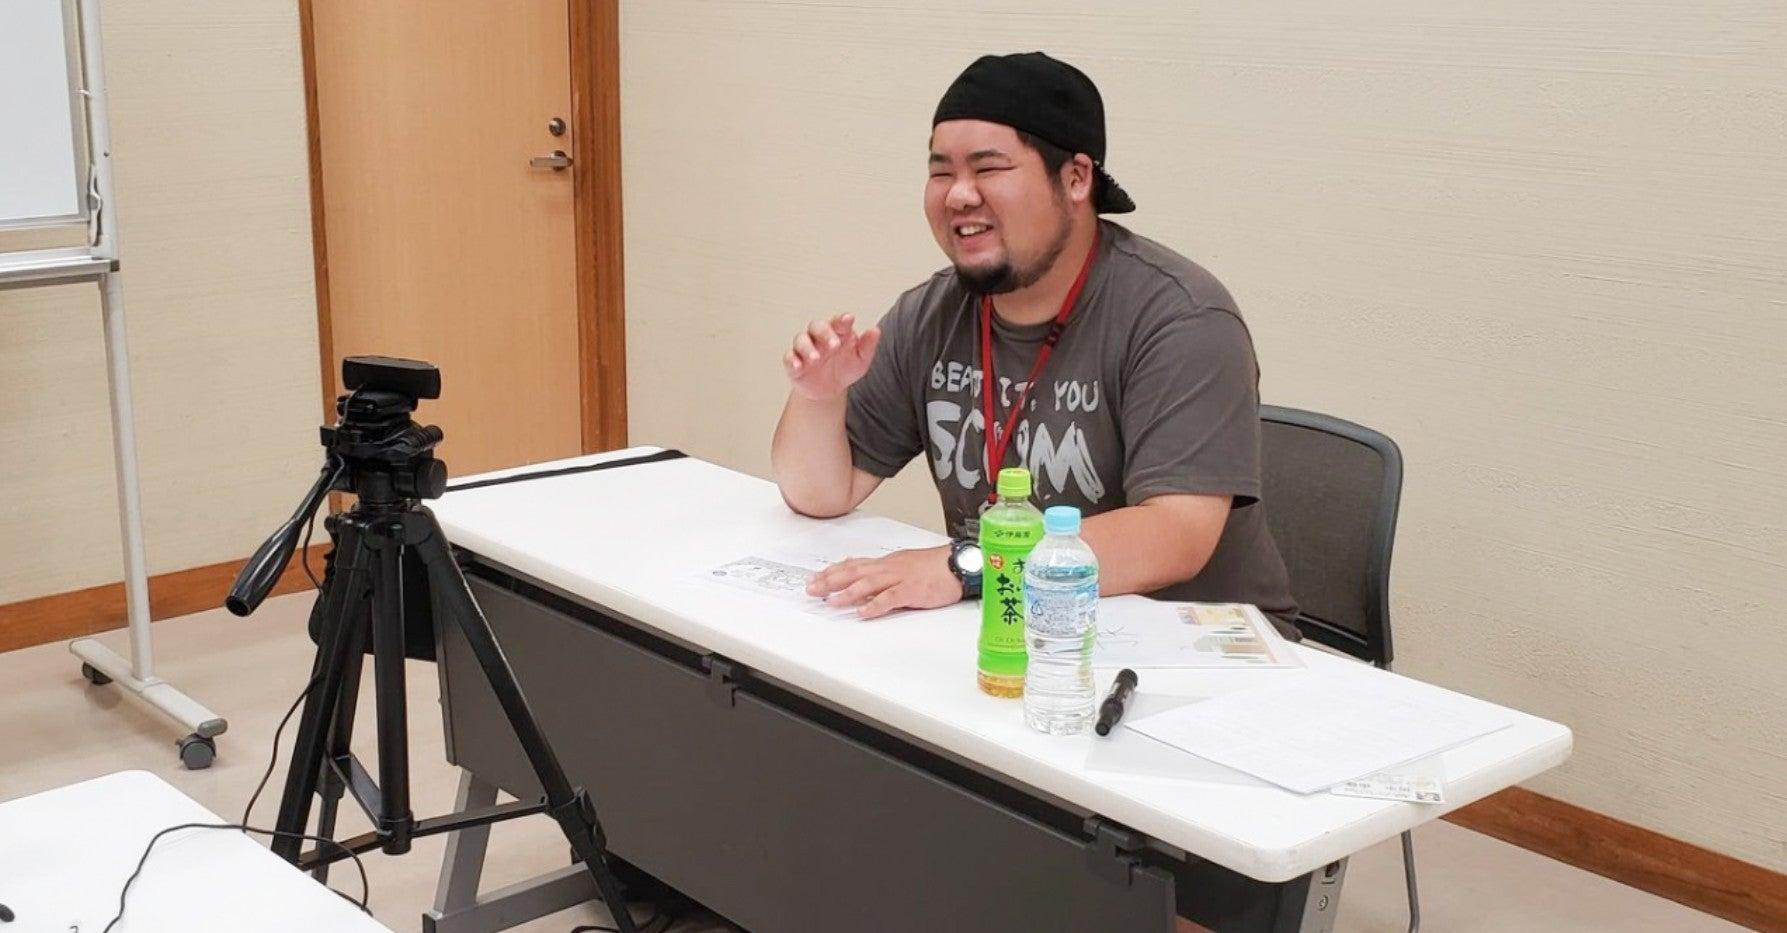 【レポート】山をつかったまちおこし!八幡浜市地域おこし協力隊の仁禮誠さんに地域活動の秘訣を聞いてみた!